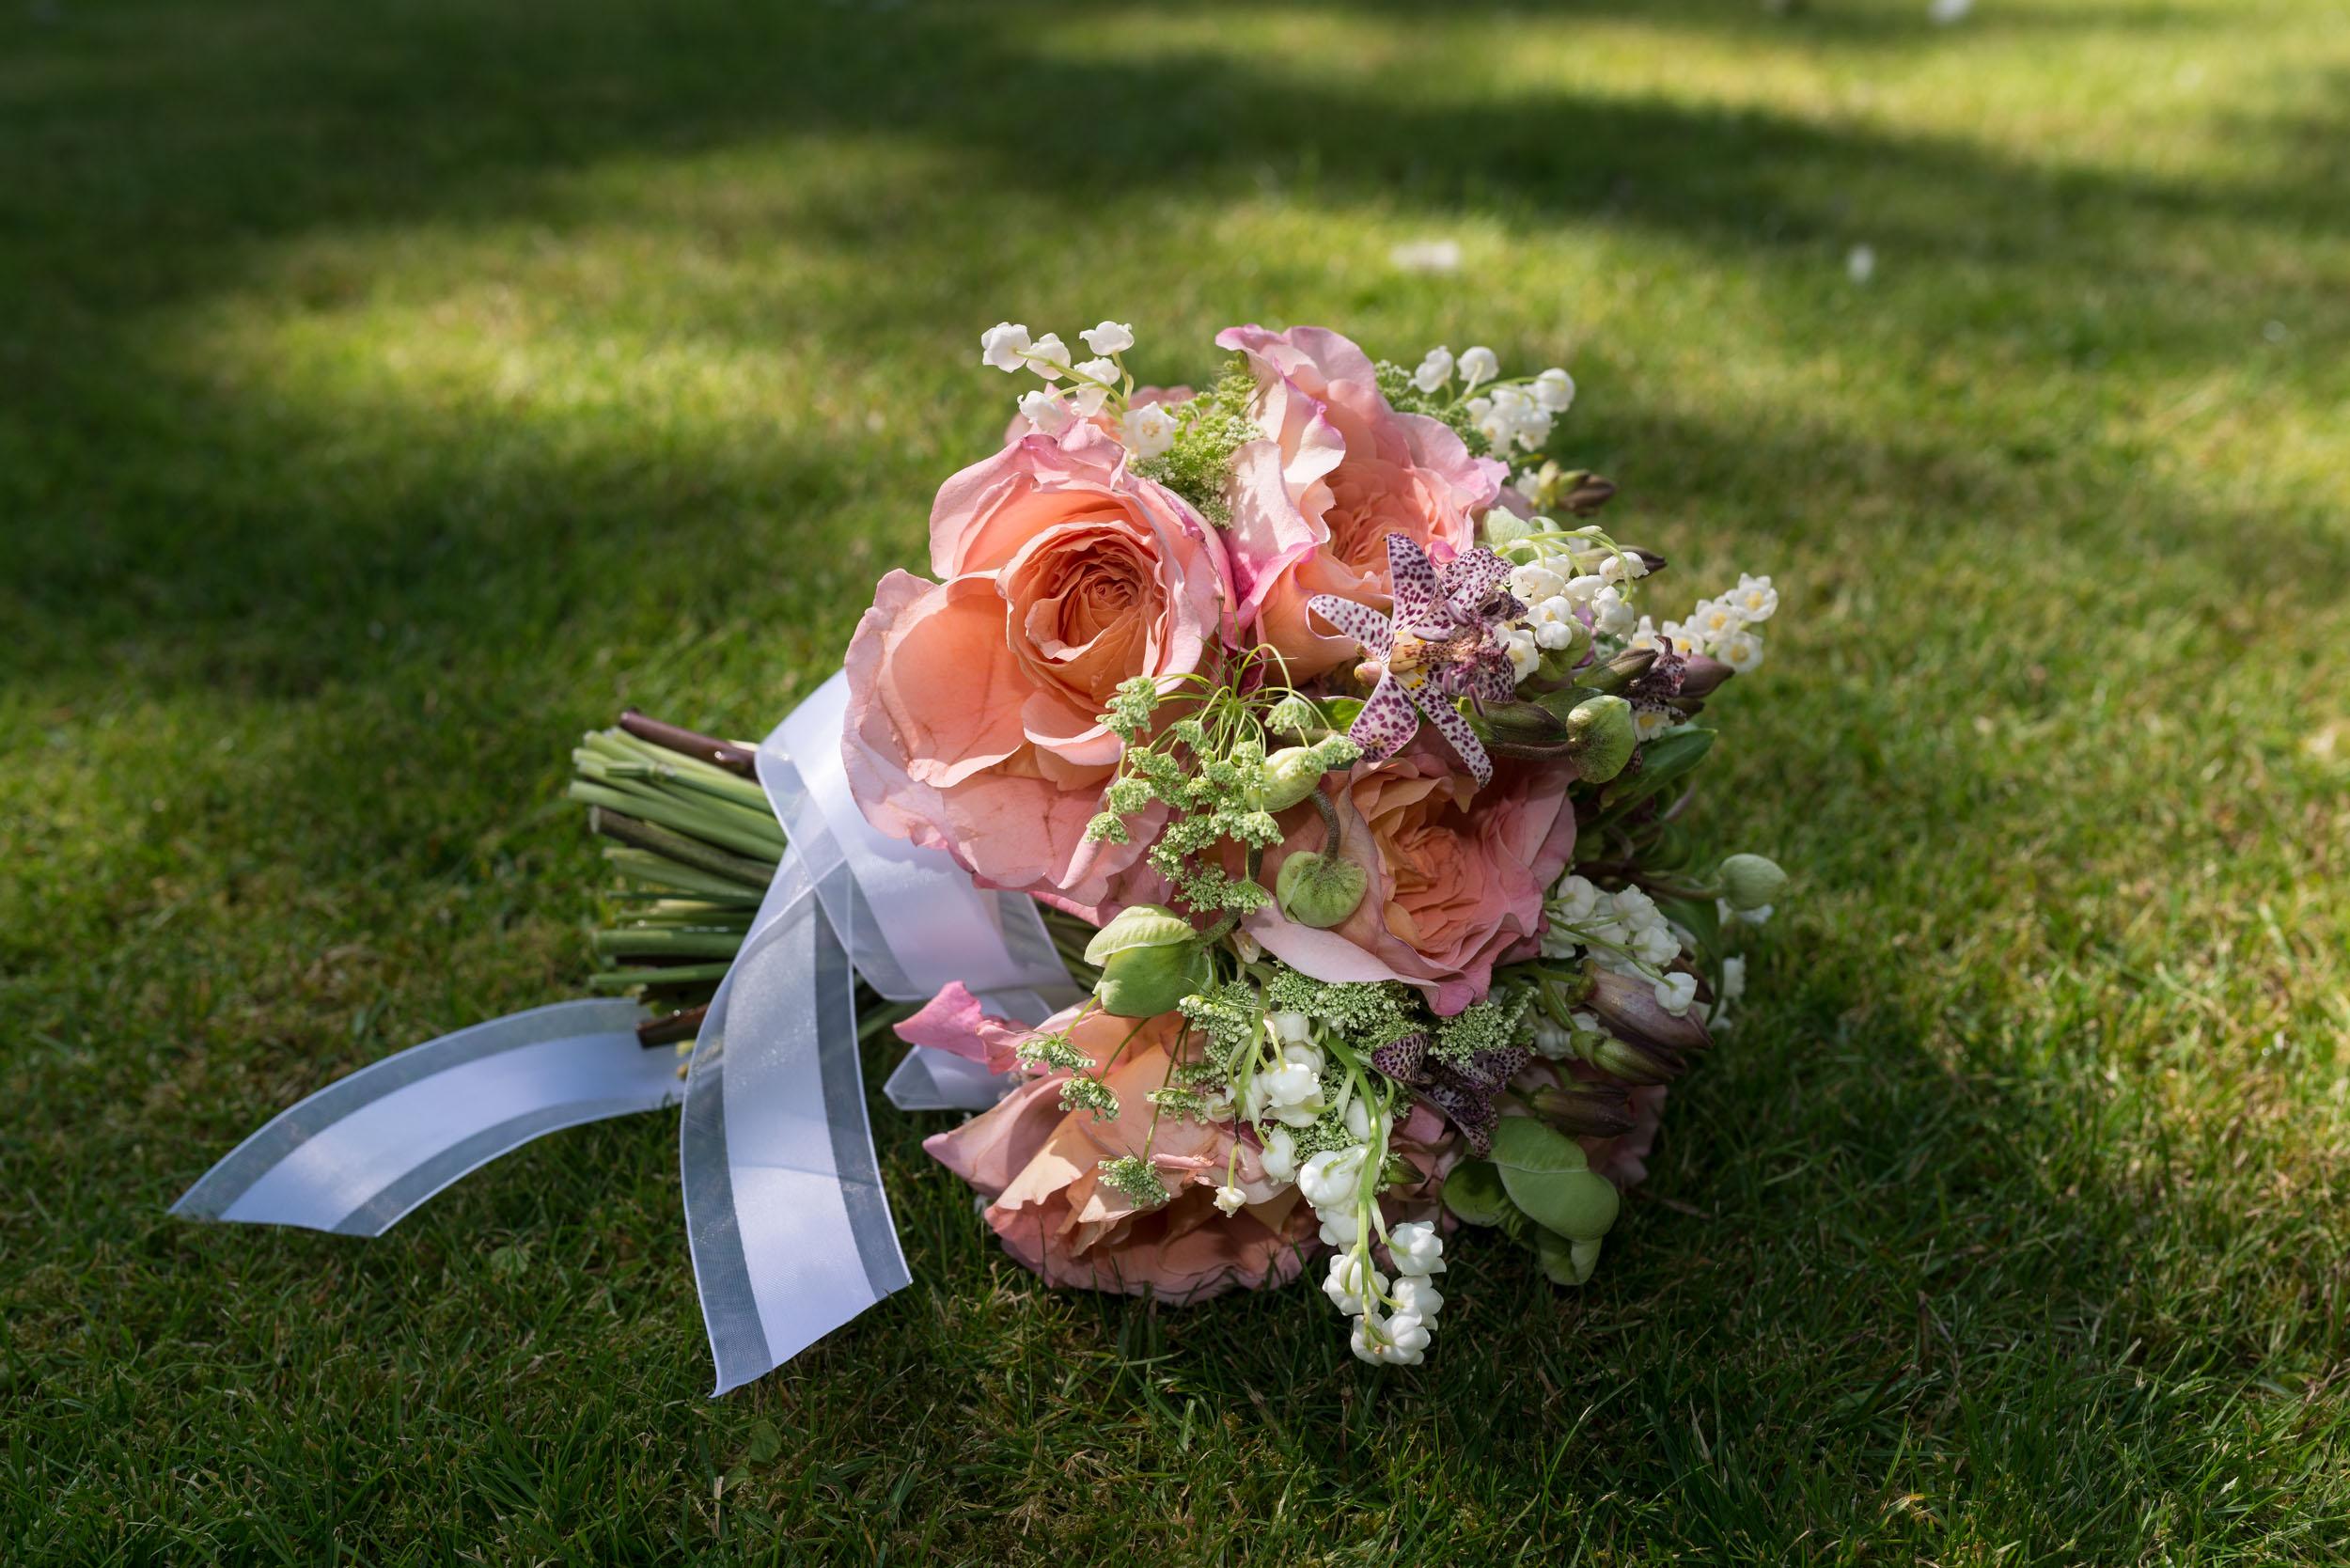 DSC_1642_Rose_Bouquet.jpg